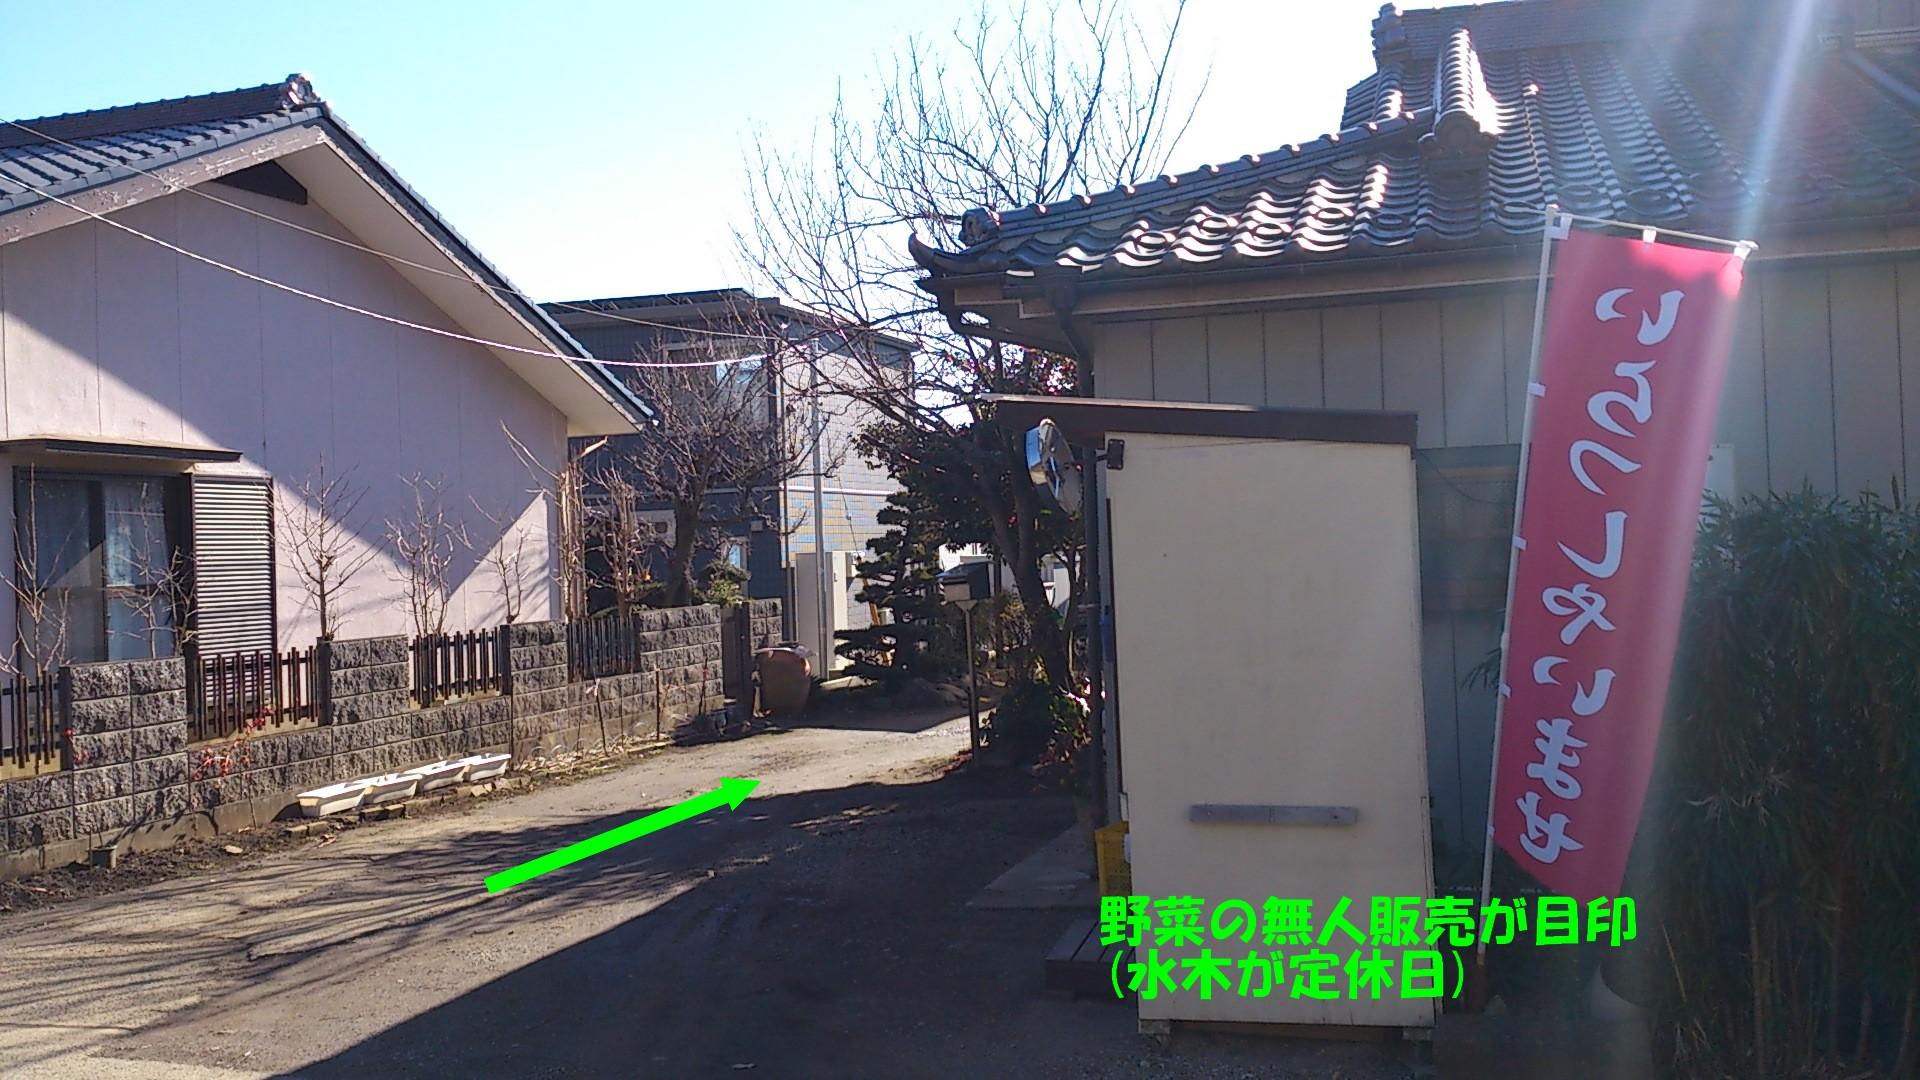 20131229130409488.jpg